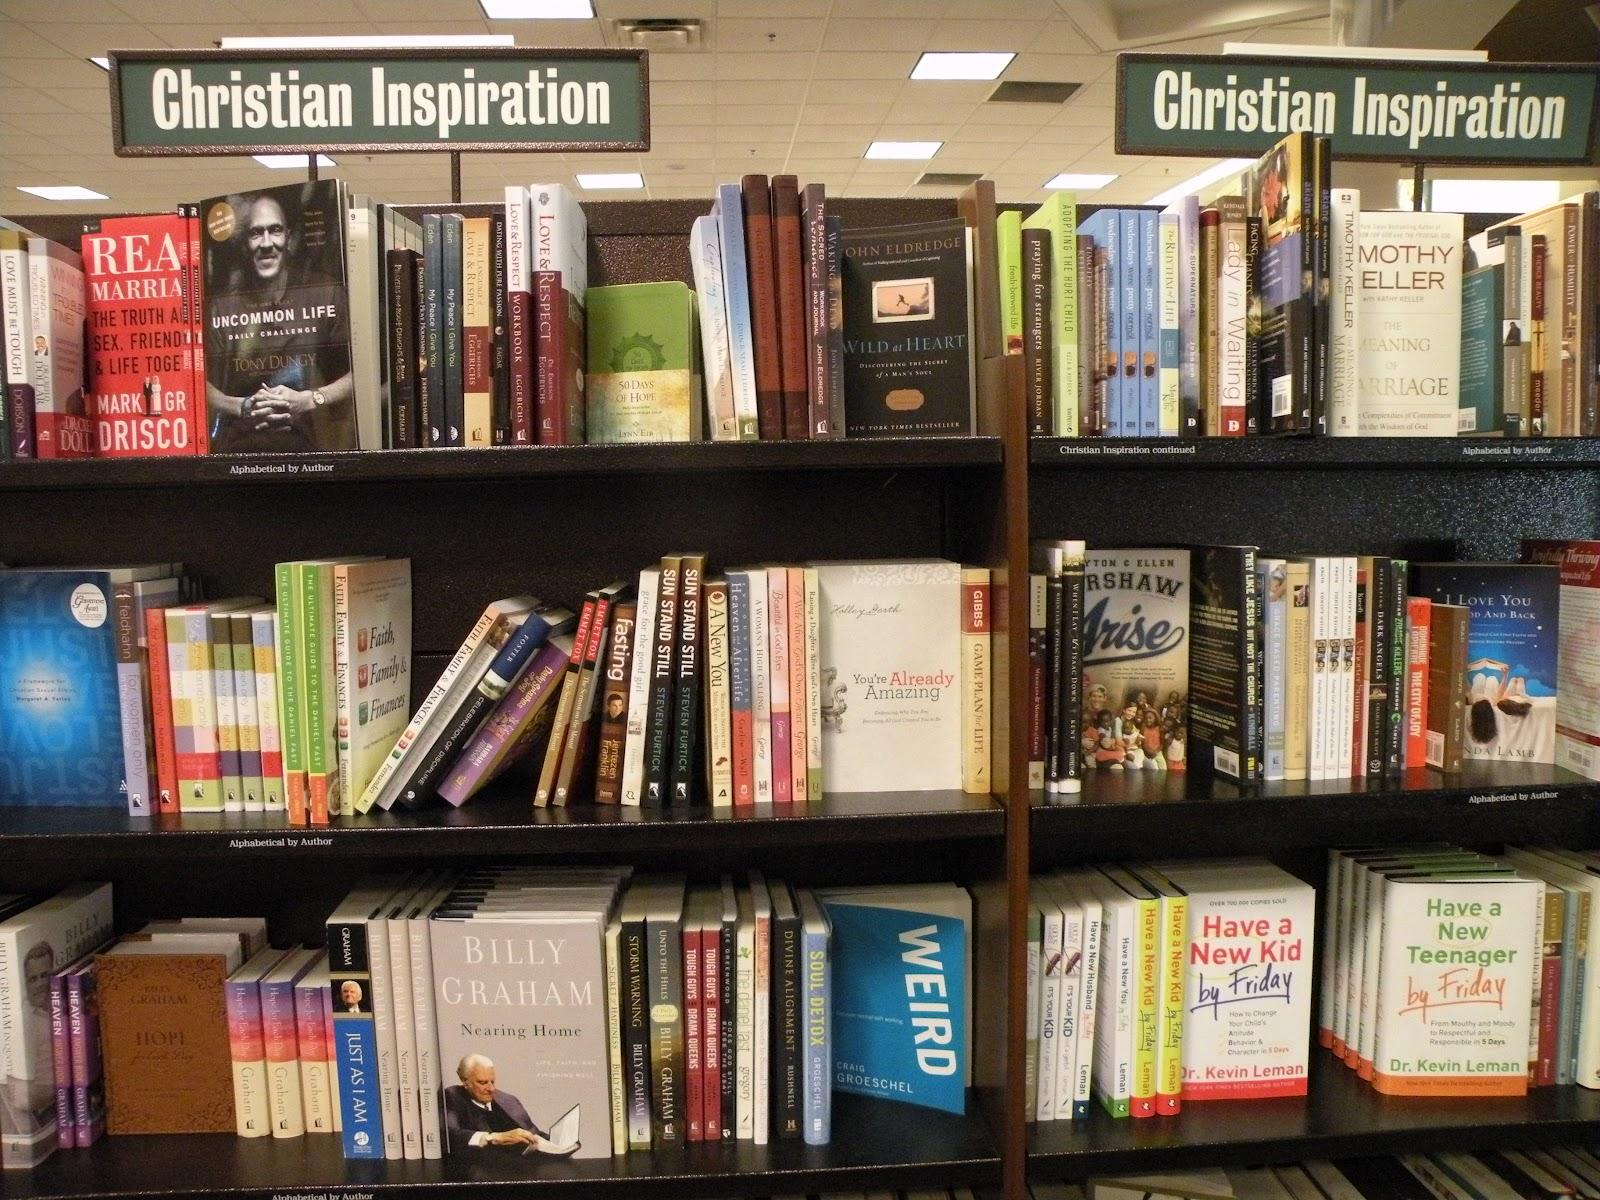 Librerie indipendenti in crisi? Le salverà il crowfunding